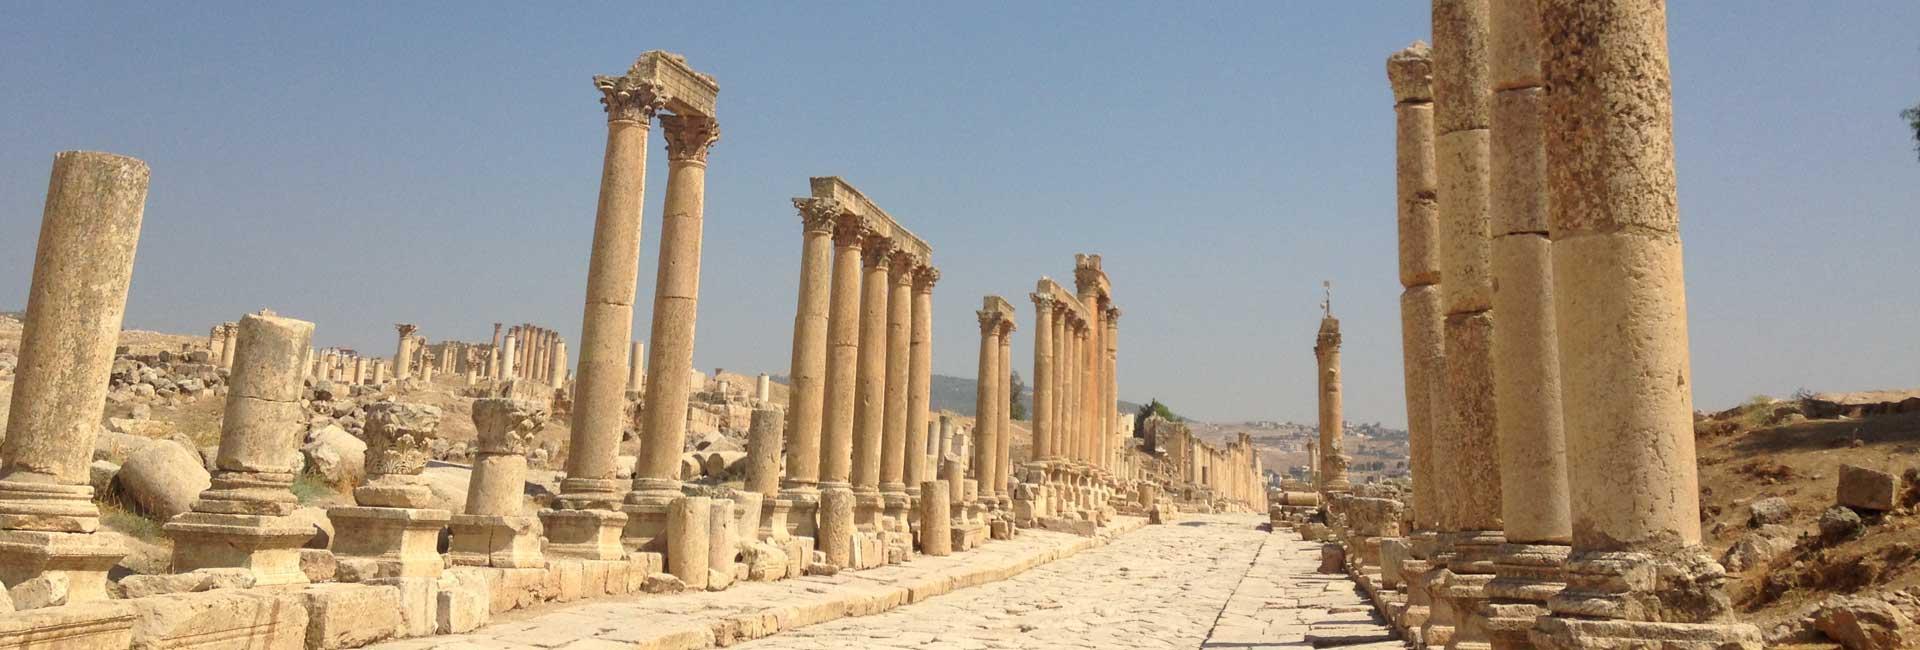 Greco-Roman Sites